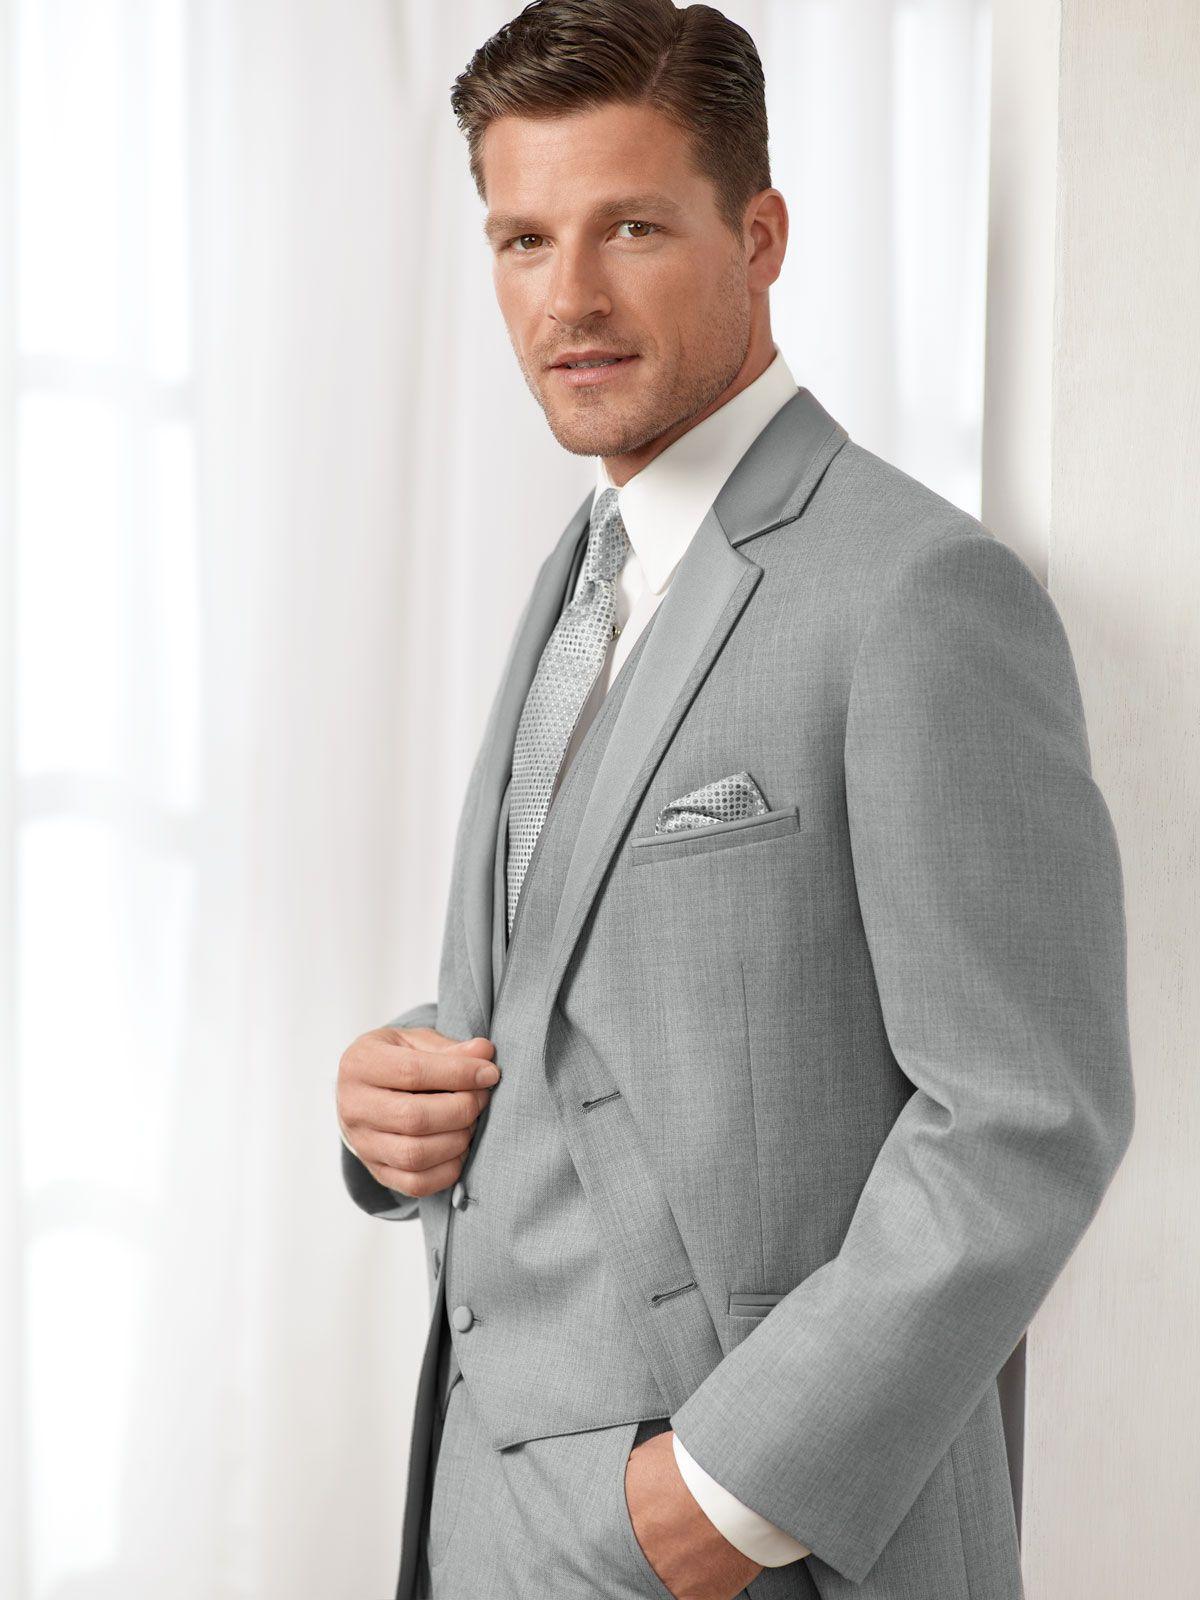 Jean Yves Light Grey Premeire - Style #505 Black Tie Formalwear